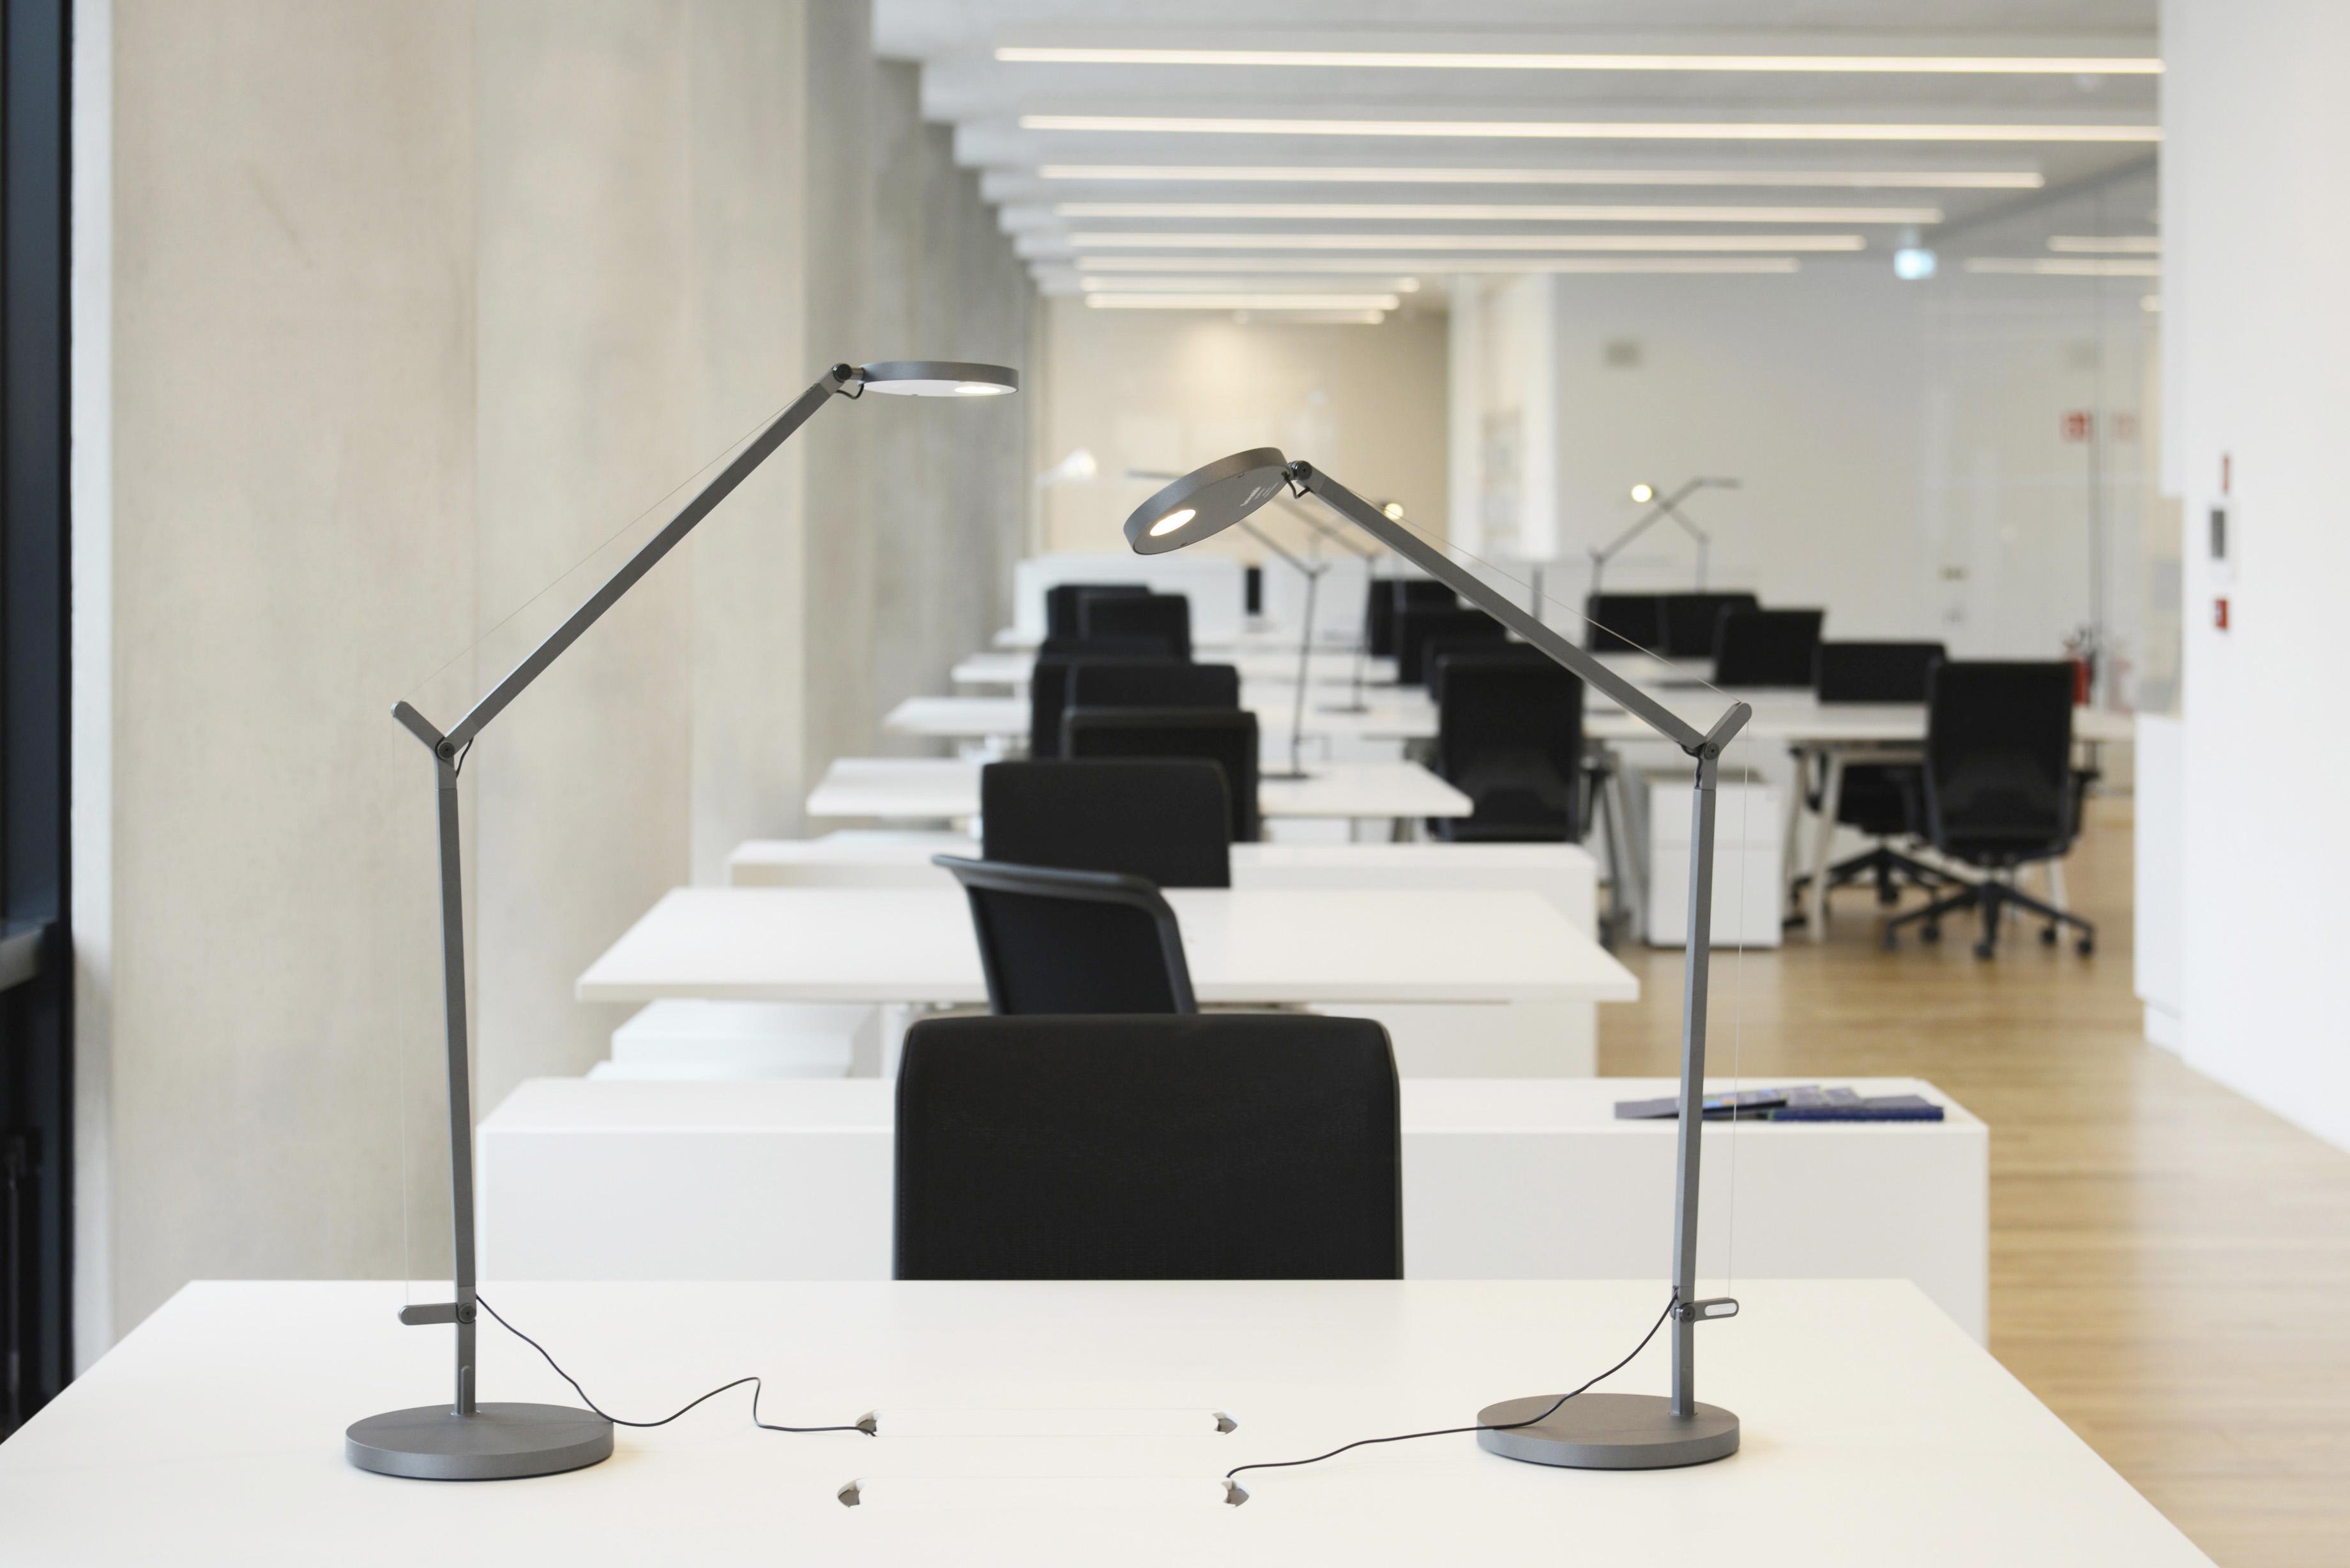 Sistemi Illuminazione Ufficio.L Illuminazione Per I Luoghi Di Lavoro Luce E Design